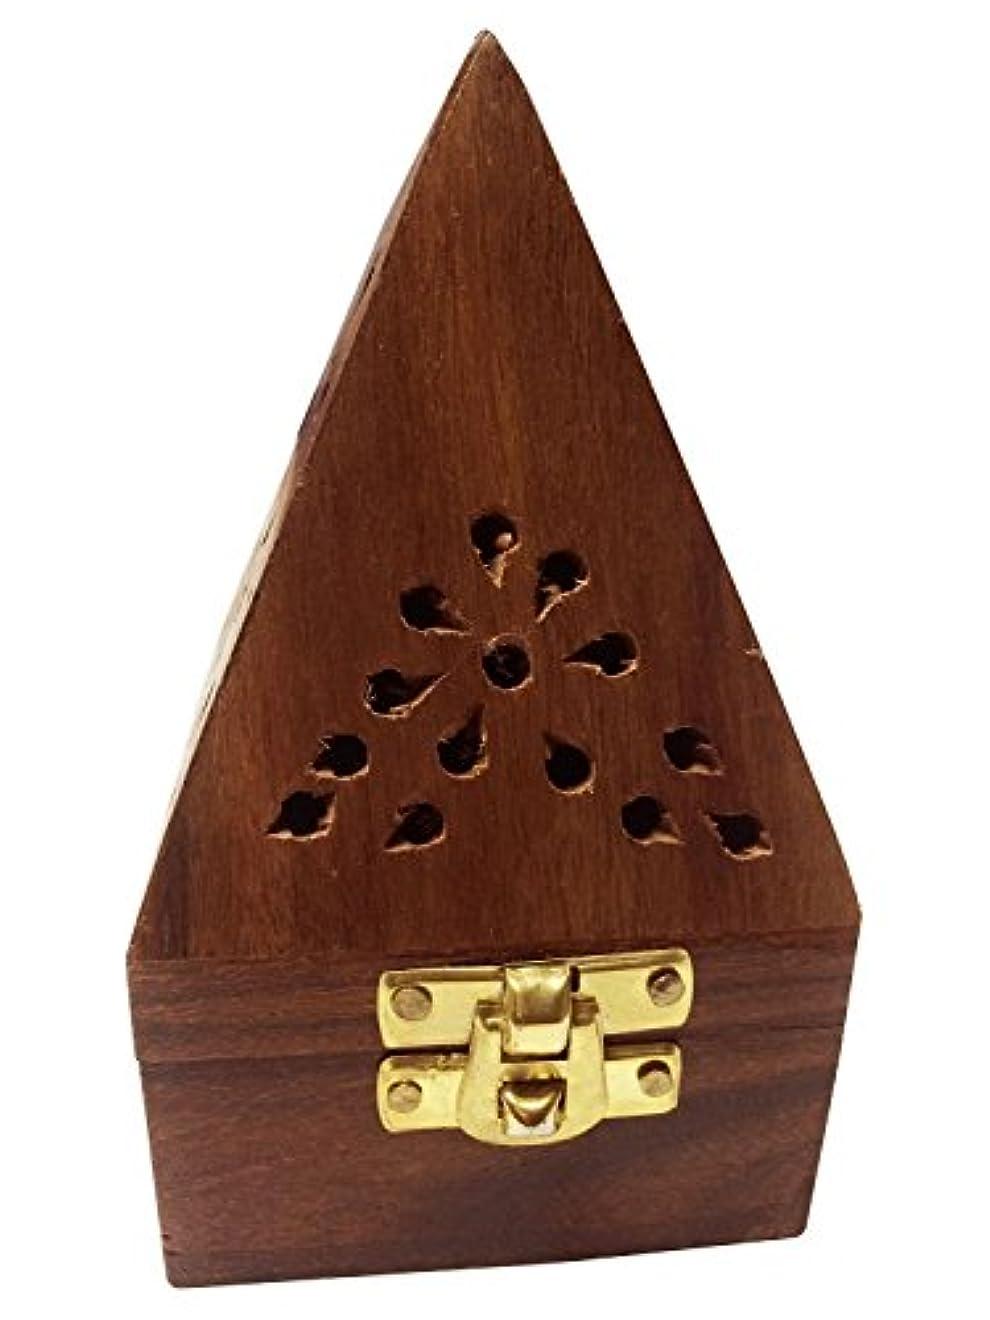 ショッキングターミナルパドルWooden Classic Pyramid Style Burner (Dhoop Holder) With Base Square and top Cone Shape,Wooden Incense Burner Box